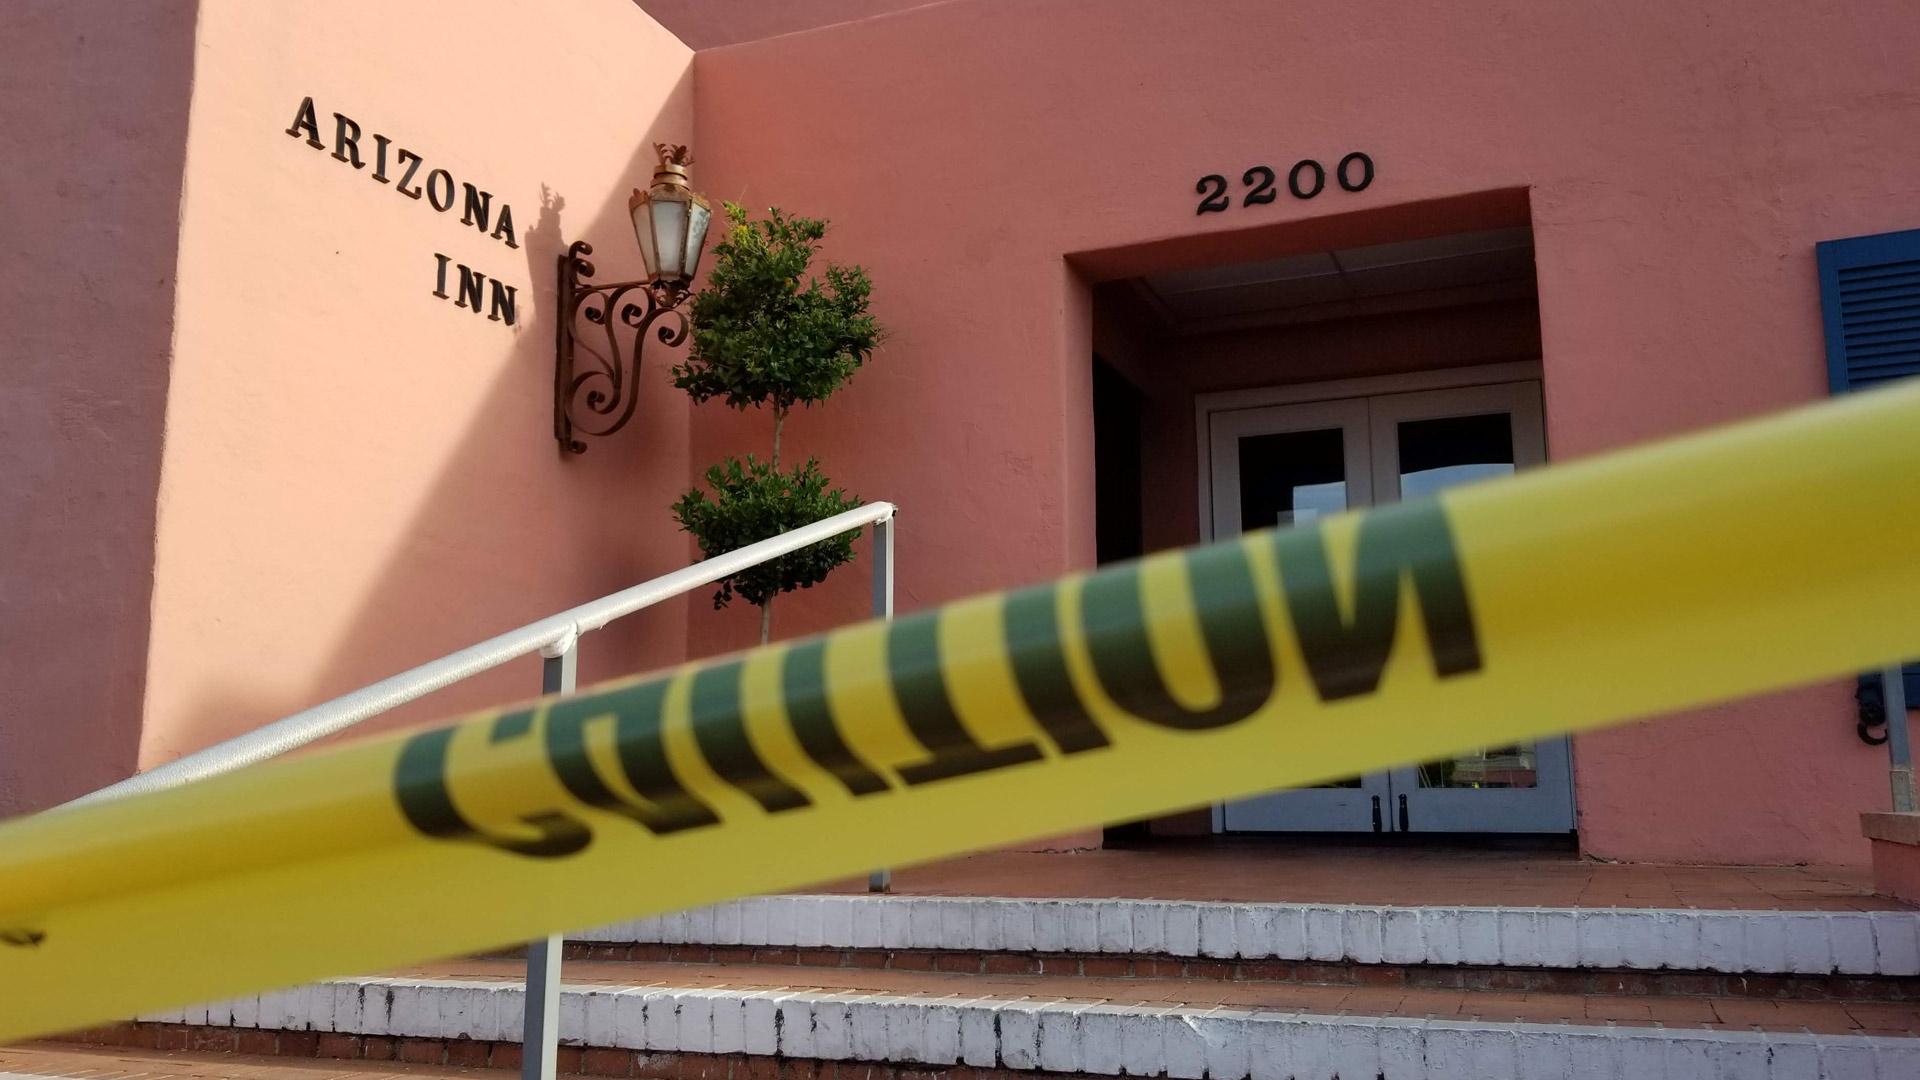 Arizona Inn coronavirus closure tape